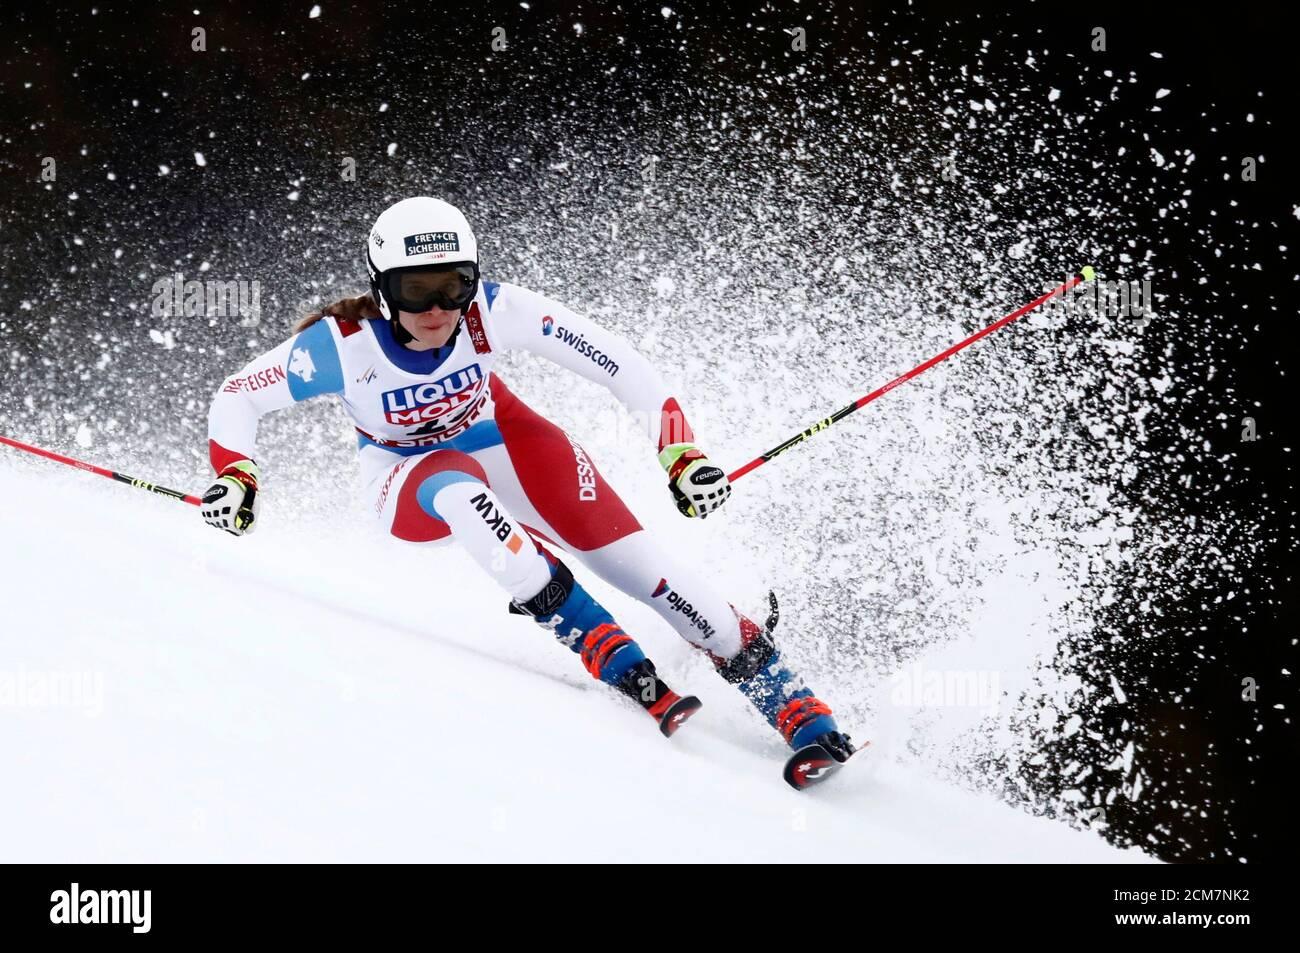 Esquí alpino - FIS Campeonato Mundial de esquí alpino - Slalom gigante femenino - are, Suecia - 14 de febrero de 2019 - Andrea Ellenberger, Suiza, en acción. REUTERS/Christian Hartmann Foto de stock